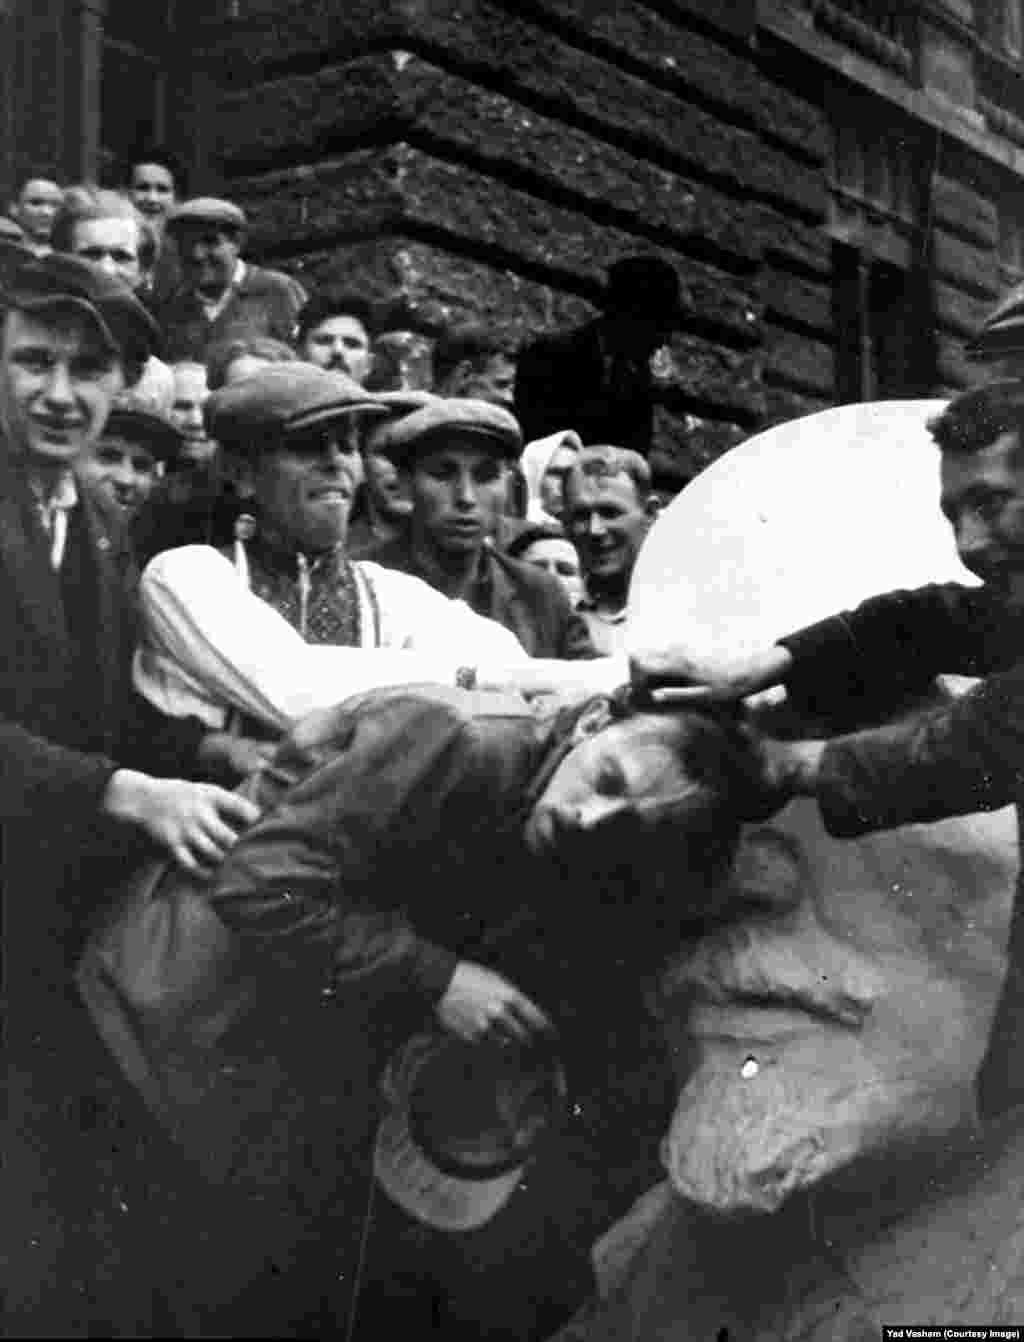 Еврея на западе Украины атакует толпа. После того как нацисты открыли советские тайные тюрьмы, стало известно о зверствах, чинимых под руководством Сталина. Нацистская пропаганда воспользовалась тем, что у многих ранних советских лидеров было еврейское происхождение, и стала подогревать антисемитизм.